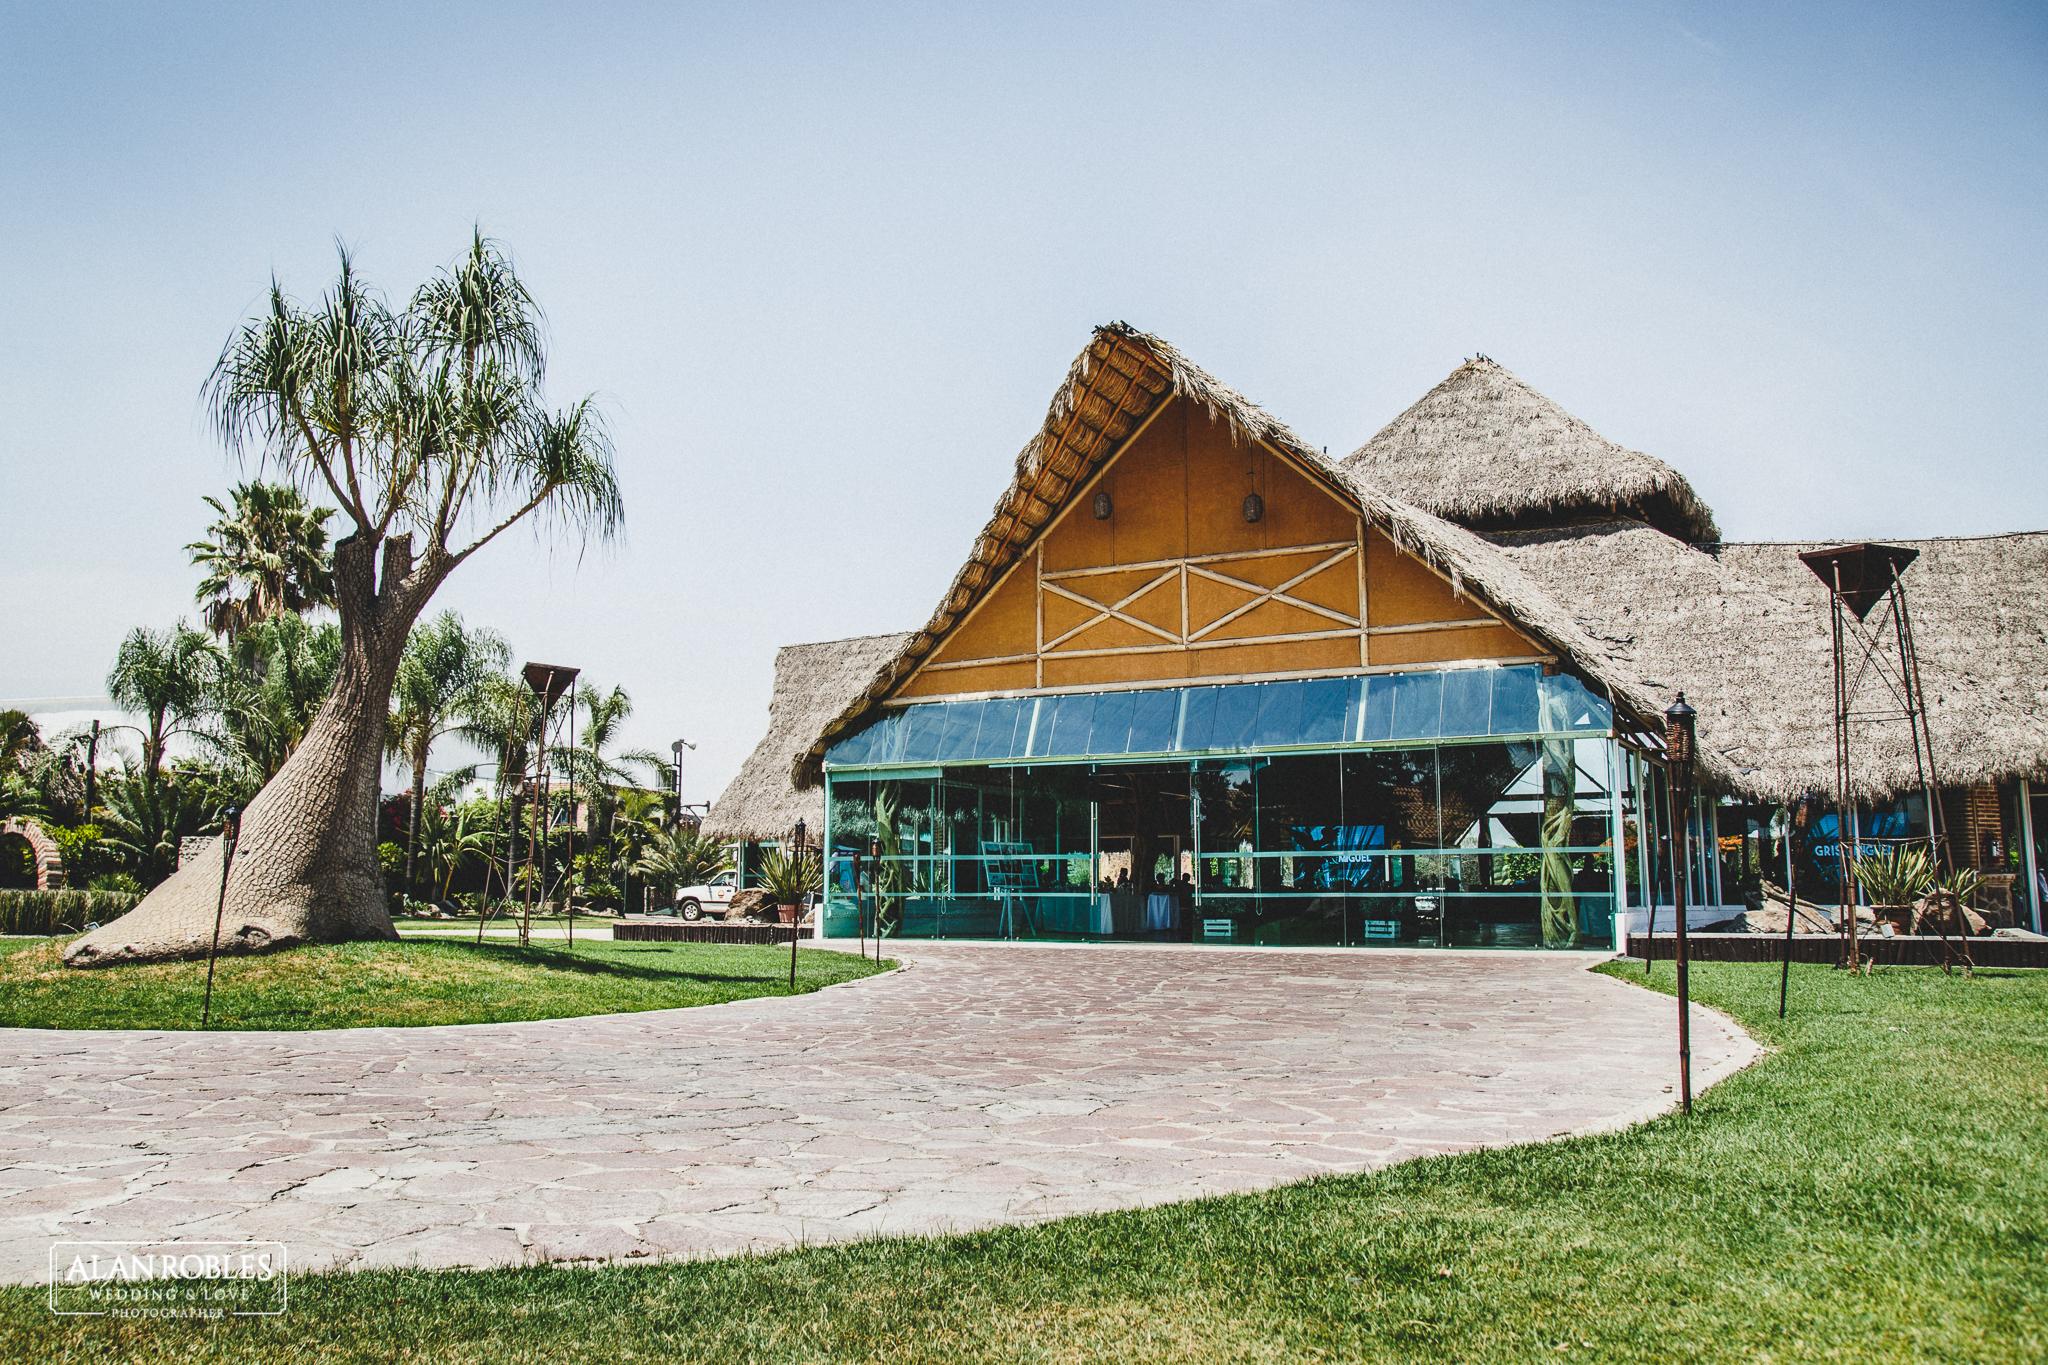 Vista exterior en Hacienda Los Pozos. Fotografia de bodas. Alan Robles, fotografo de Bodas